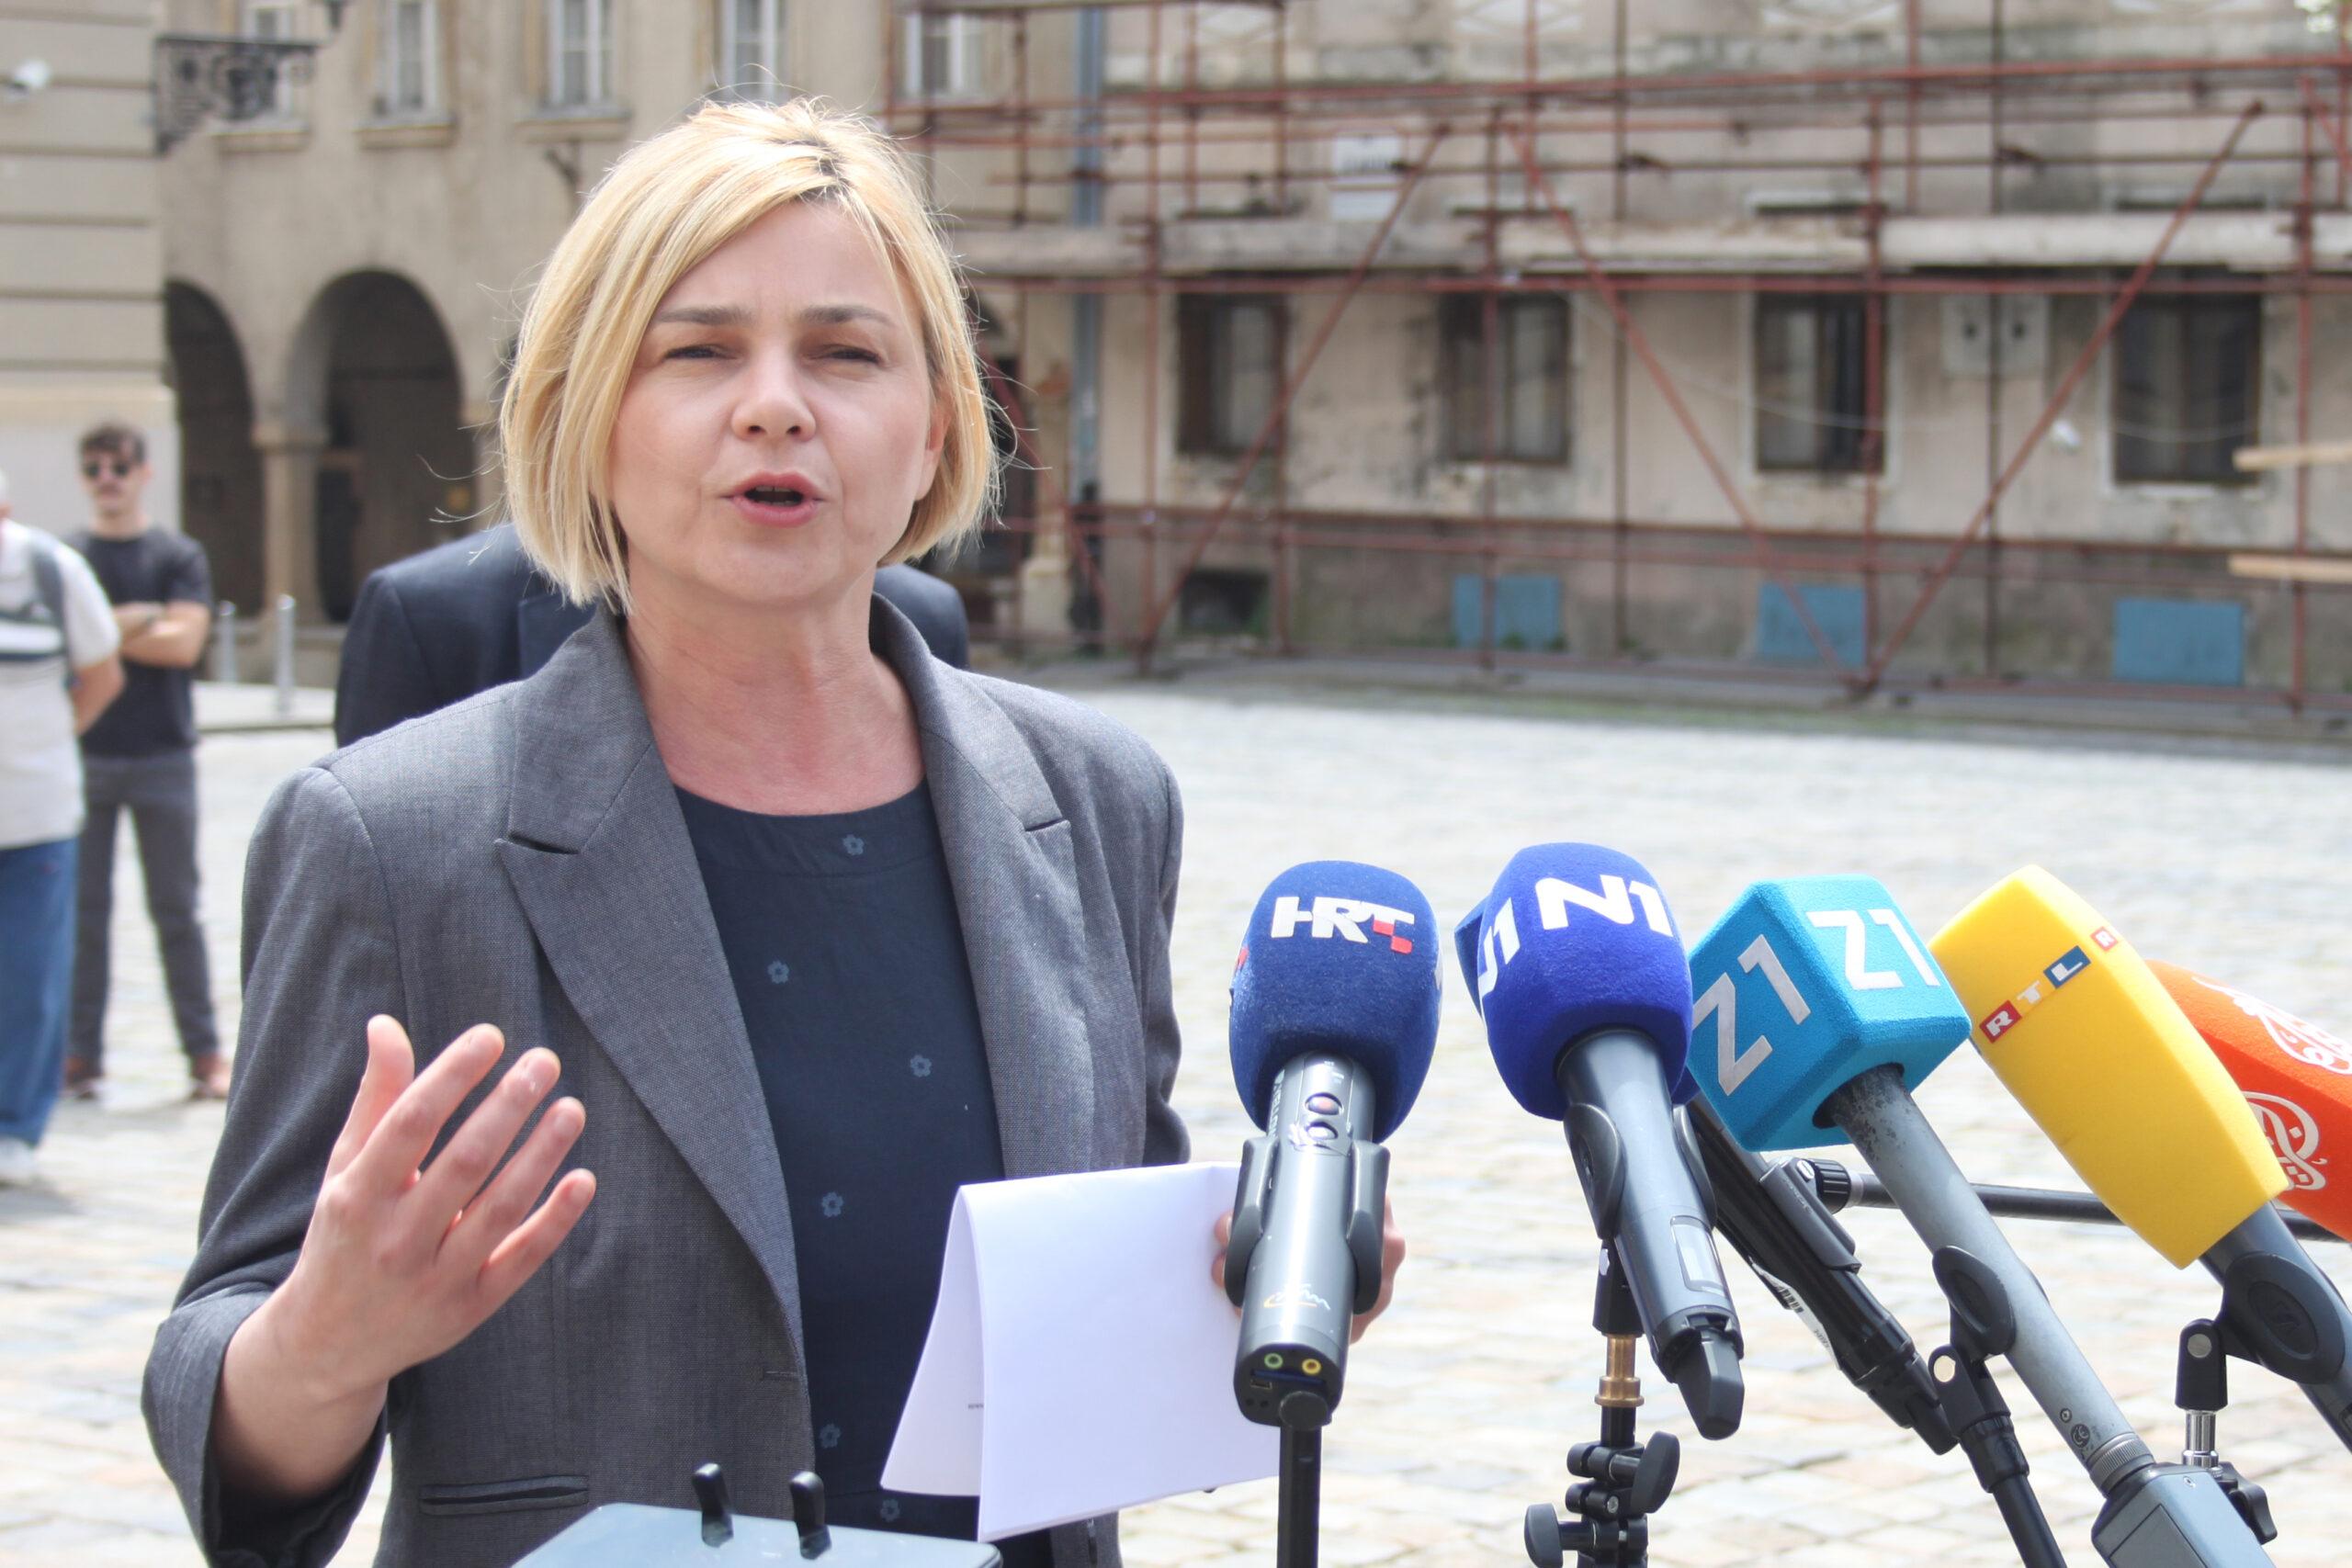 Benčić: Vlada katastrofalnim upravljanjem krizom prebacuje odgovornost na građane